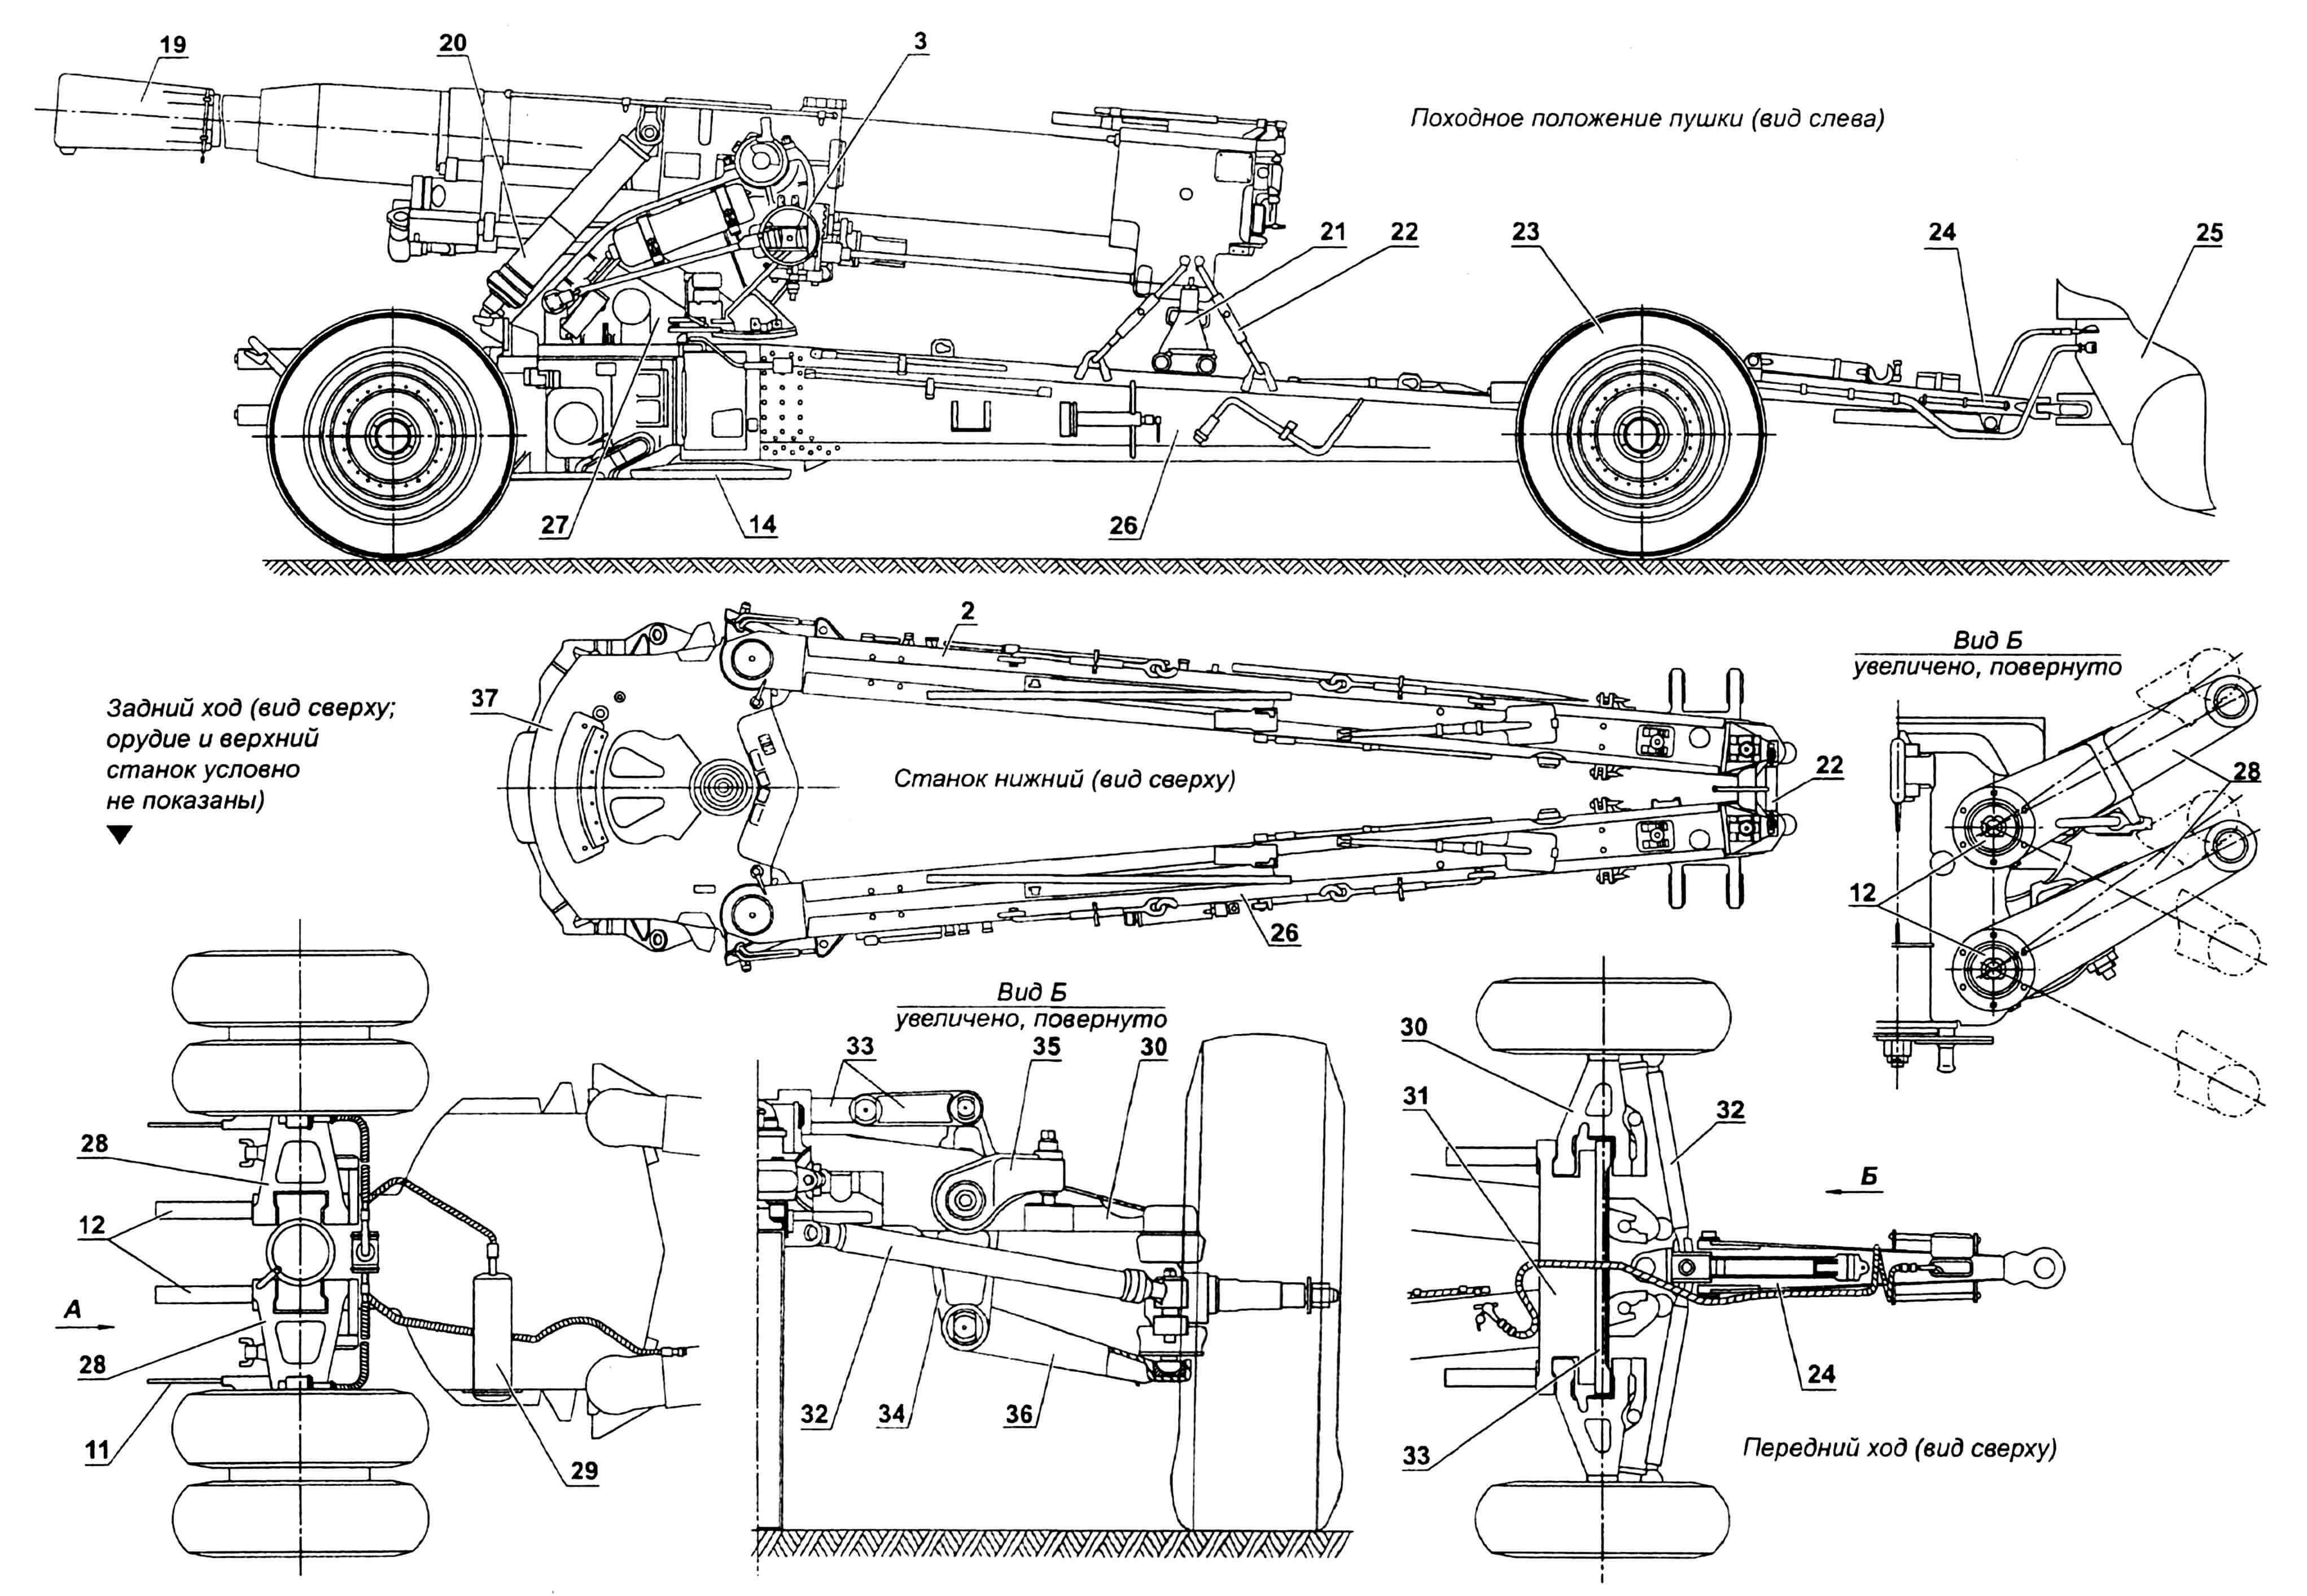 180-мм пушка С-23: 1 — опоры сошниковые, боковые; 2,26 — станины; 3 — штурвалы наводки орудия; 4 — затвор, 5 — опора подъемного механизма; 6,20 — механизмы подъемные; 7 — люлька; 8 — накатник; 9 — ствол; 10 — тормоз дульный; 11 — тормоза ручные; 12 — торсионы заднего хода; 13 — балка специальная; 14 — опоры гидравлического подъемника; 15 — подъемник гидравлический; 16 — лопата саперная (2 шт.); 17 — цепь; 18 — площадки боевого расчета; 19 — чехол; 21 — кронштейн крепления орудия «по-походному»; 22 — тандеры (4 шт.); 23 — колесо переднего хода; 24 — дышло; 25 — тягач; 27 — станок верхний; 28 — рычаги заднего хода, поперечные; 29 — гидробак; 30 — рычаг переднего хода, поперечный; 31 — торсион переднего хода (2 шт.); 32 — тяга рулевая; 33 — тяги регулировки развала колес; 34 — качалка регулировки развала колес; 35 — упор; 36 — рычаг поперечный, нижний; 37 — коробка лобовая; 38 — опоры сошниковые, центральные.